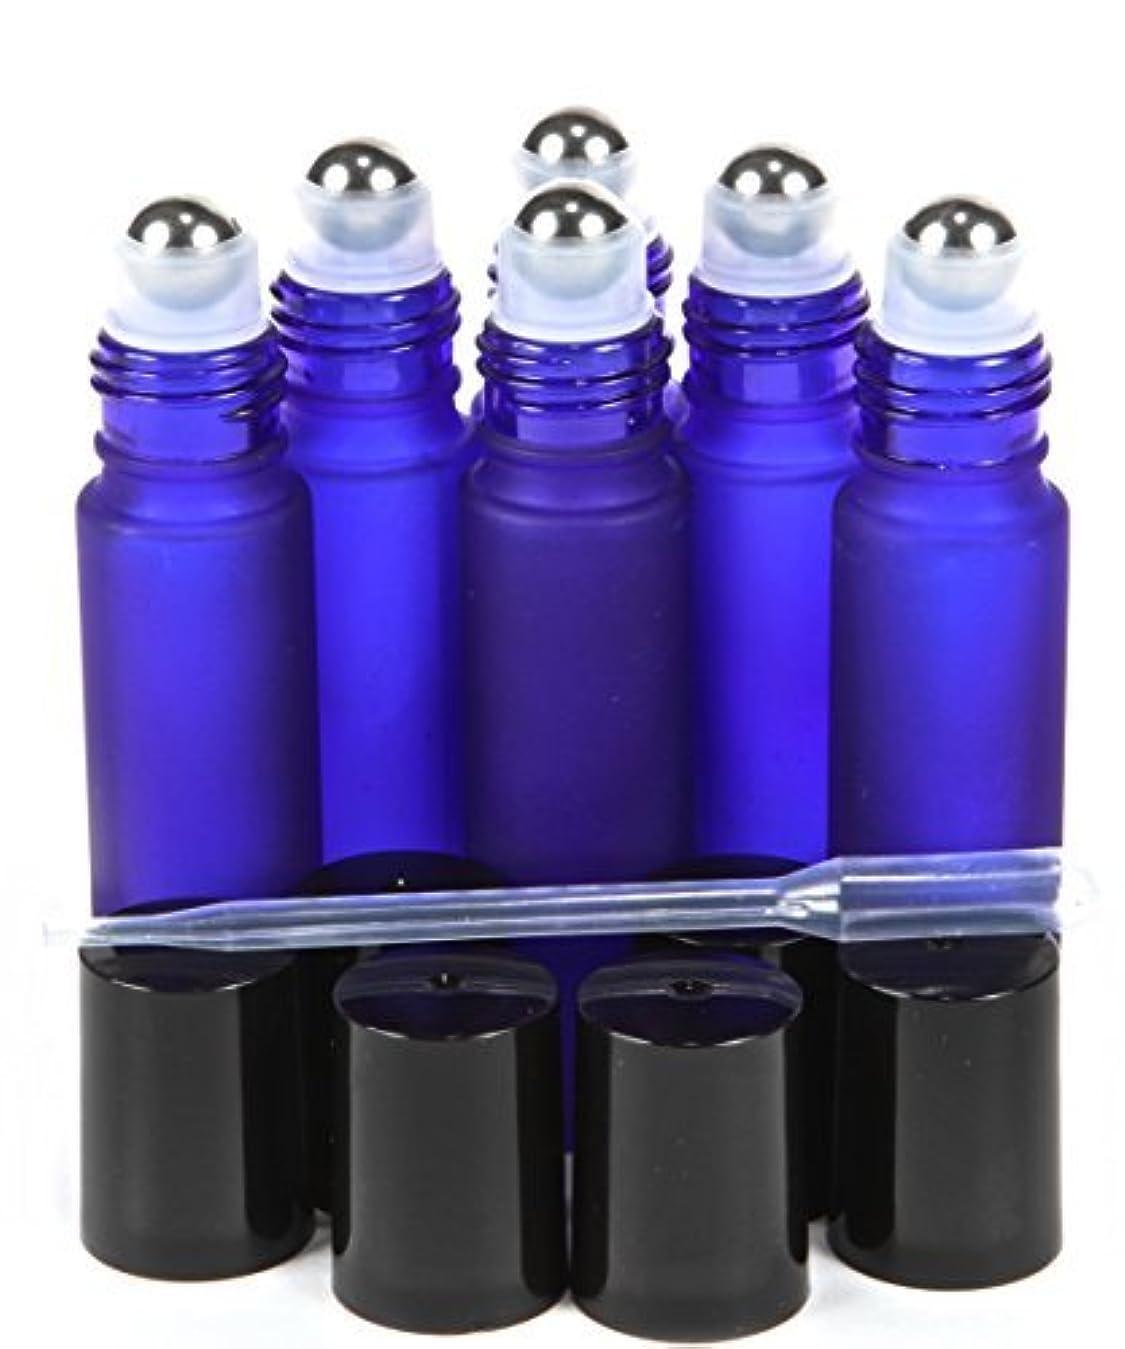 悪用ブラインド研究所6, Frosted, Cobalt Blue, 10 ml Glass Roll-on Bottles with Stainless Steel Roller Balls - .5 ml Dropper Included...